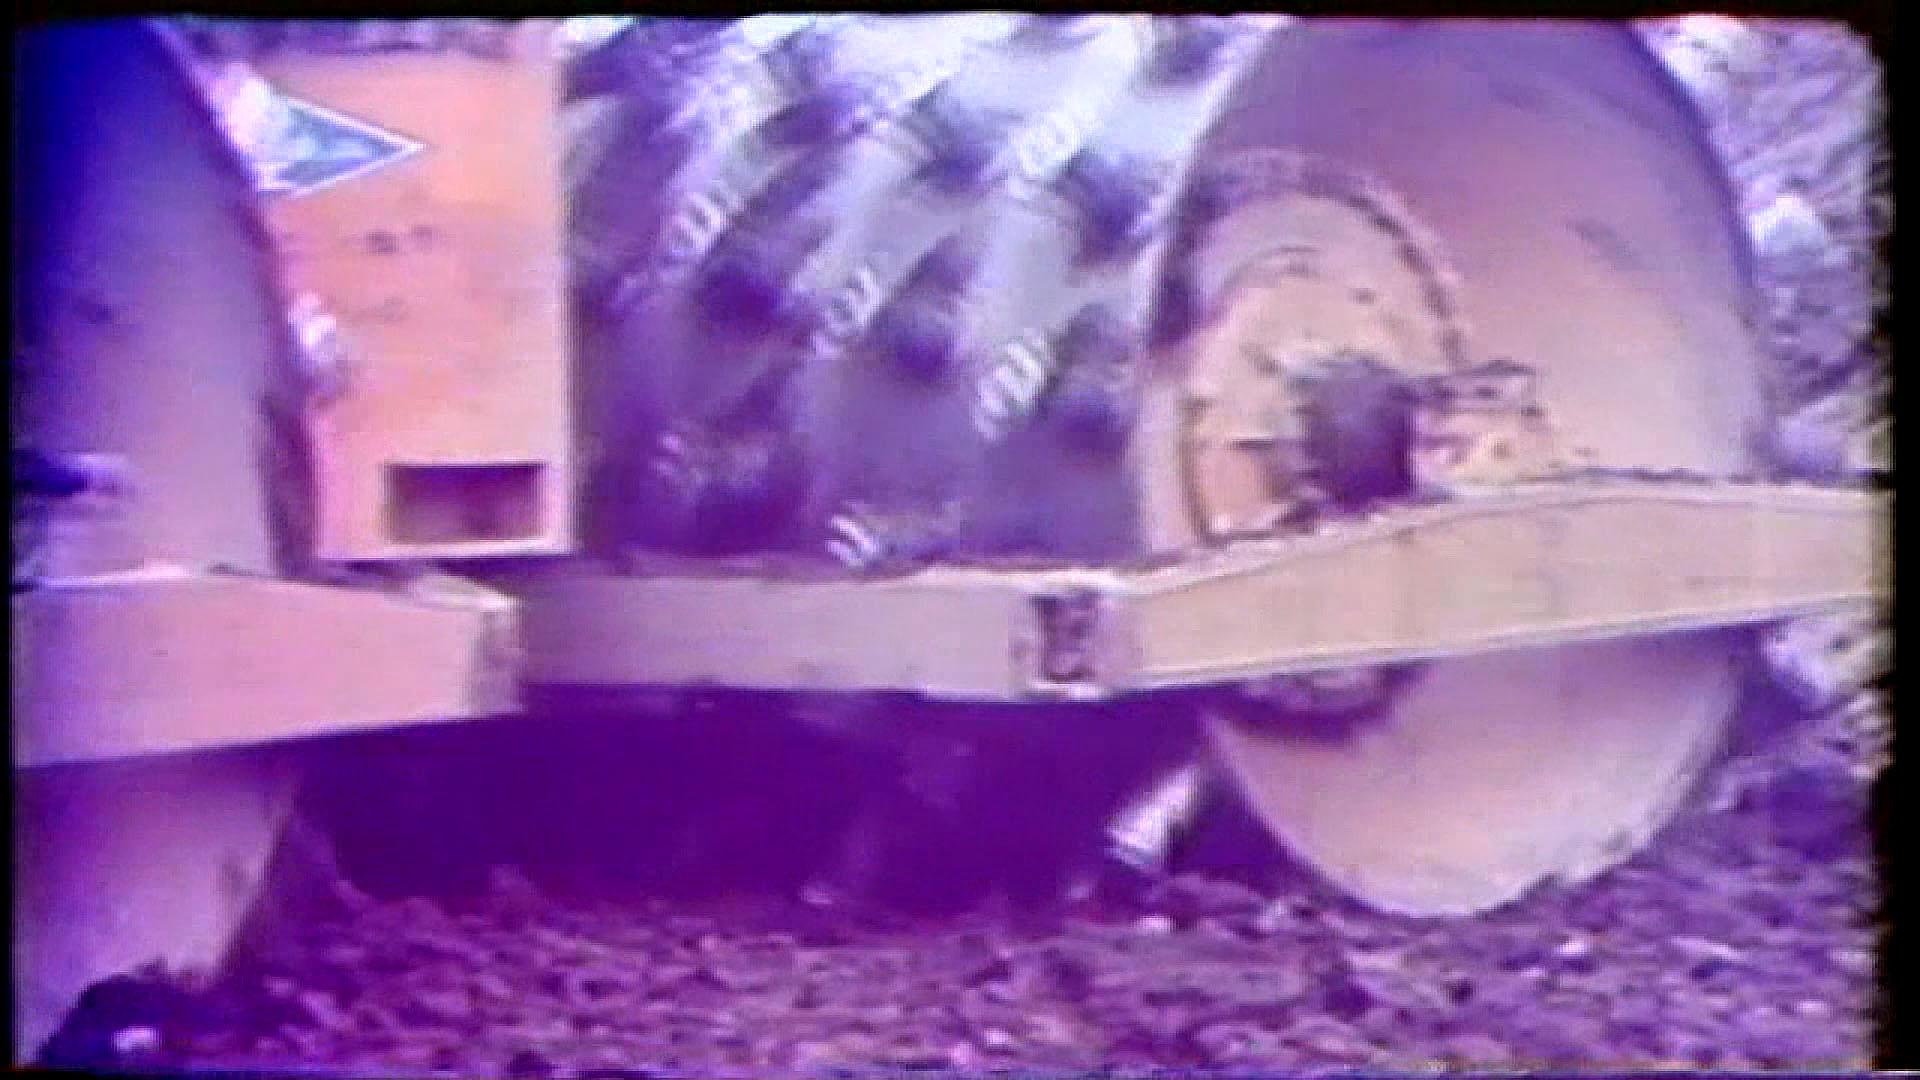 榮工處承建曾文水庫之使用自動雙輪羊角滾壓密基壓實地基